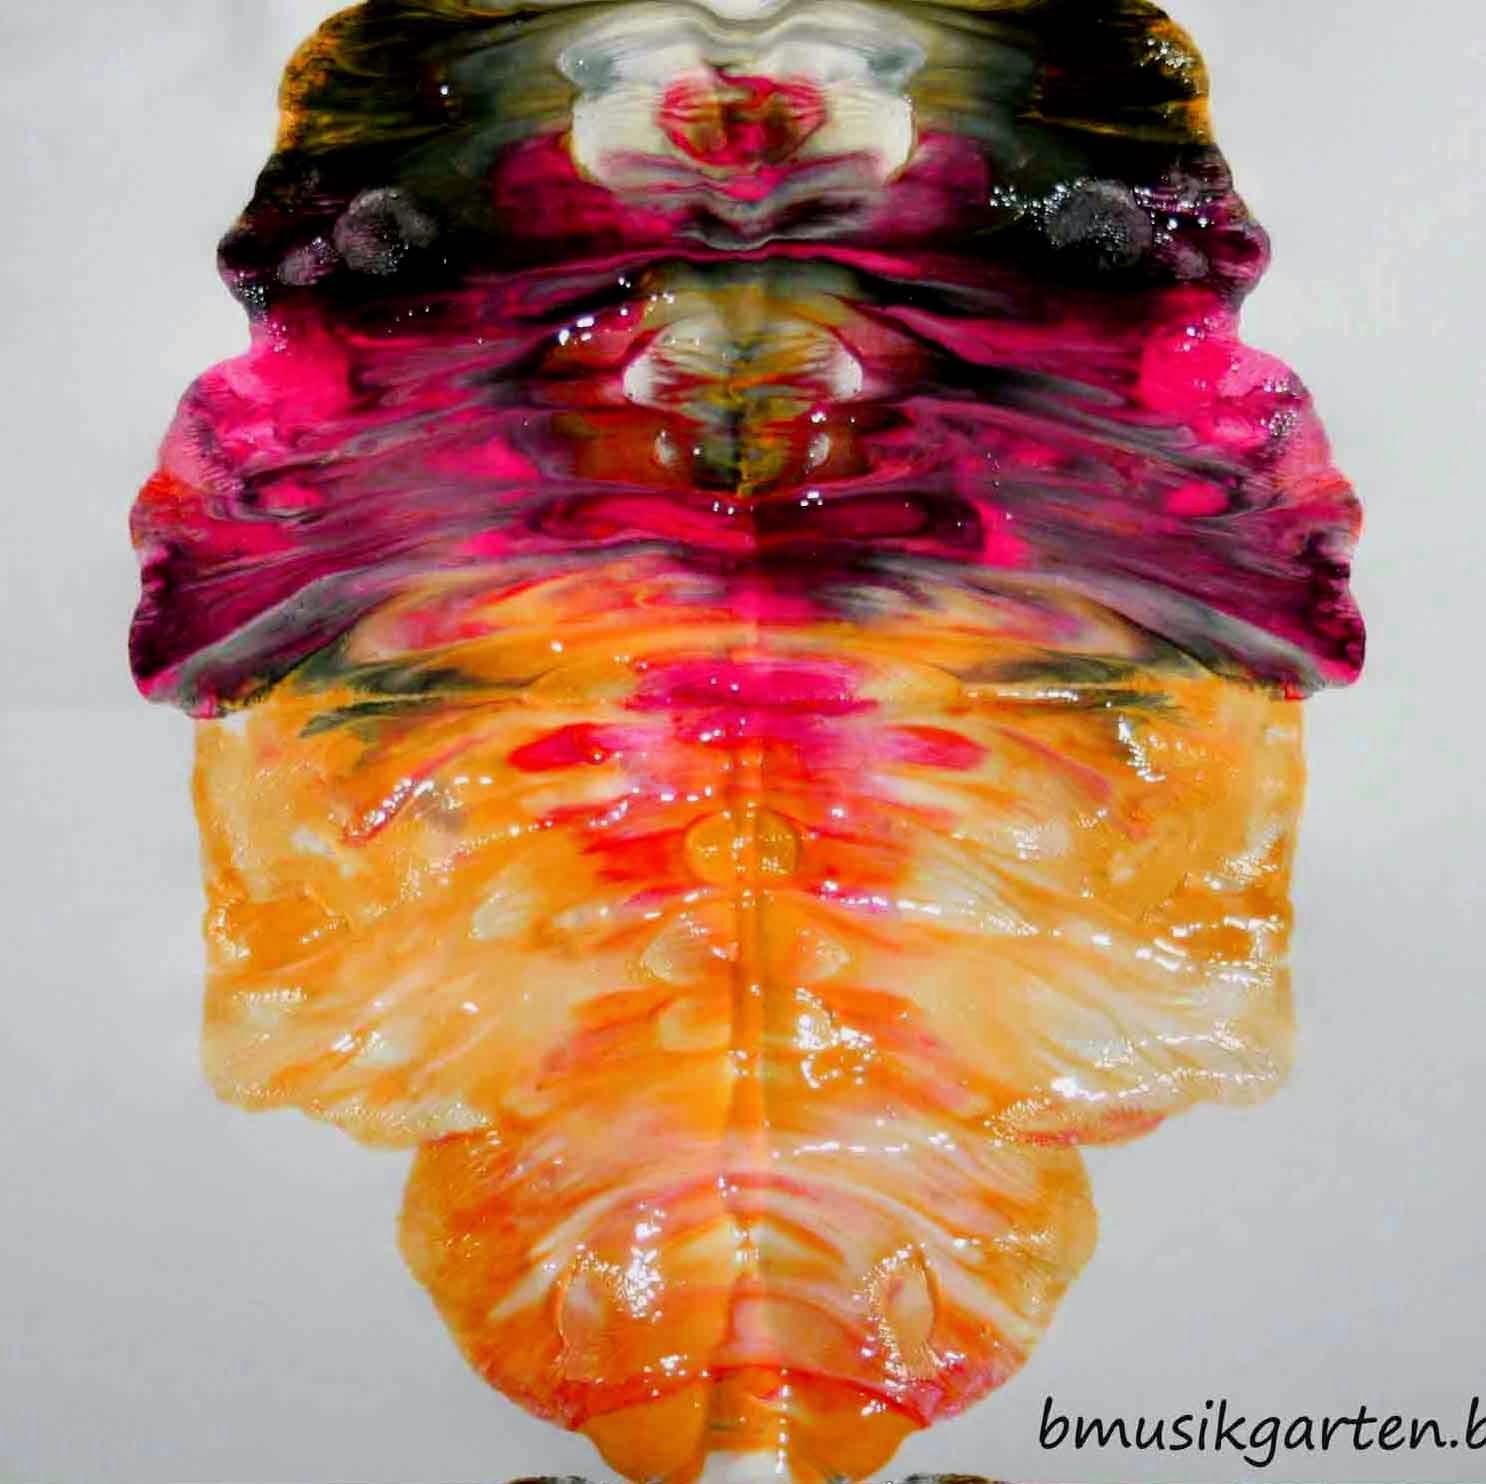 Arte simétrico. 5 ideas y actividades para niños | Beatriz musikgarten